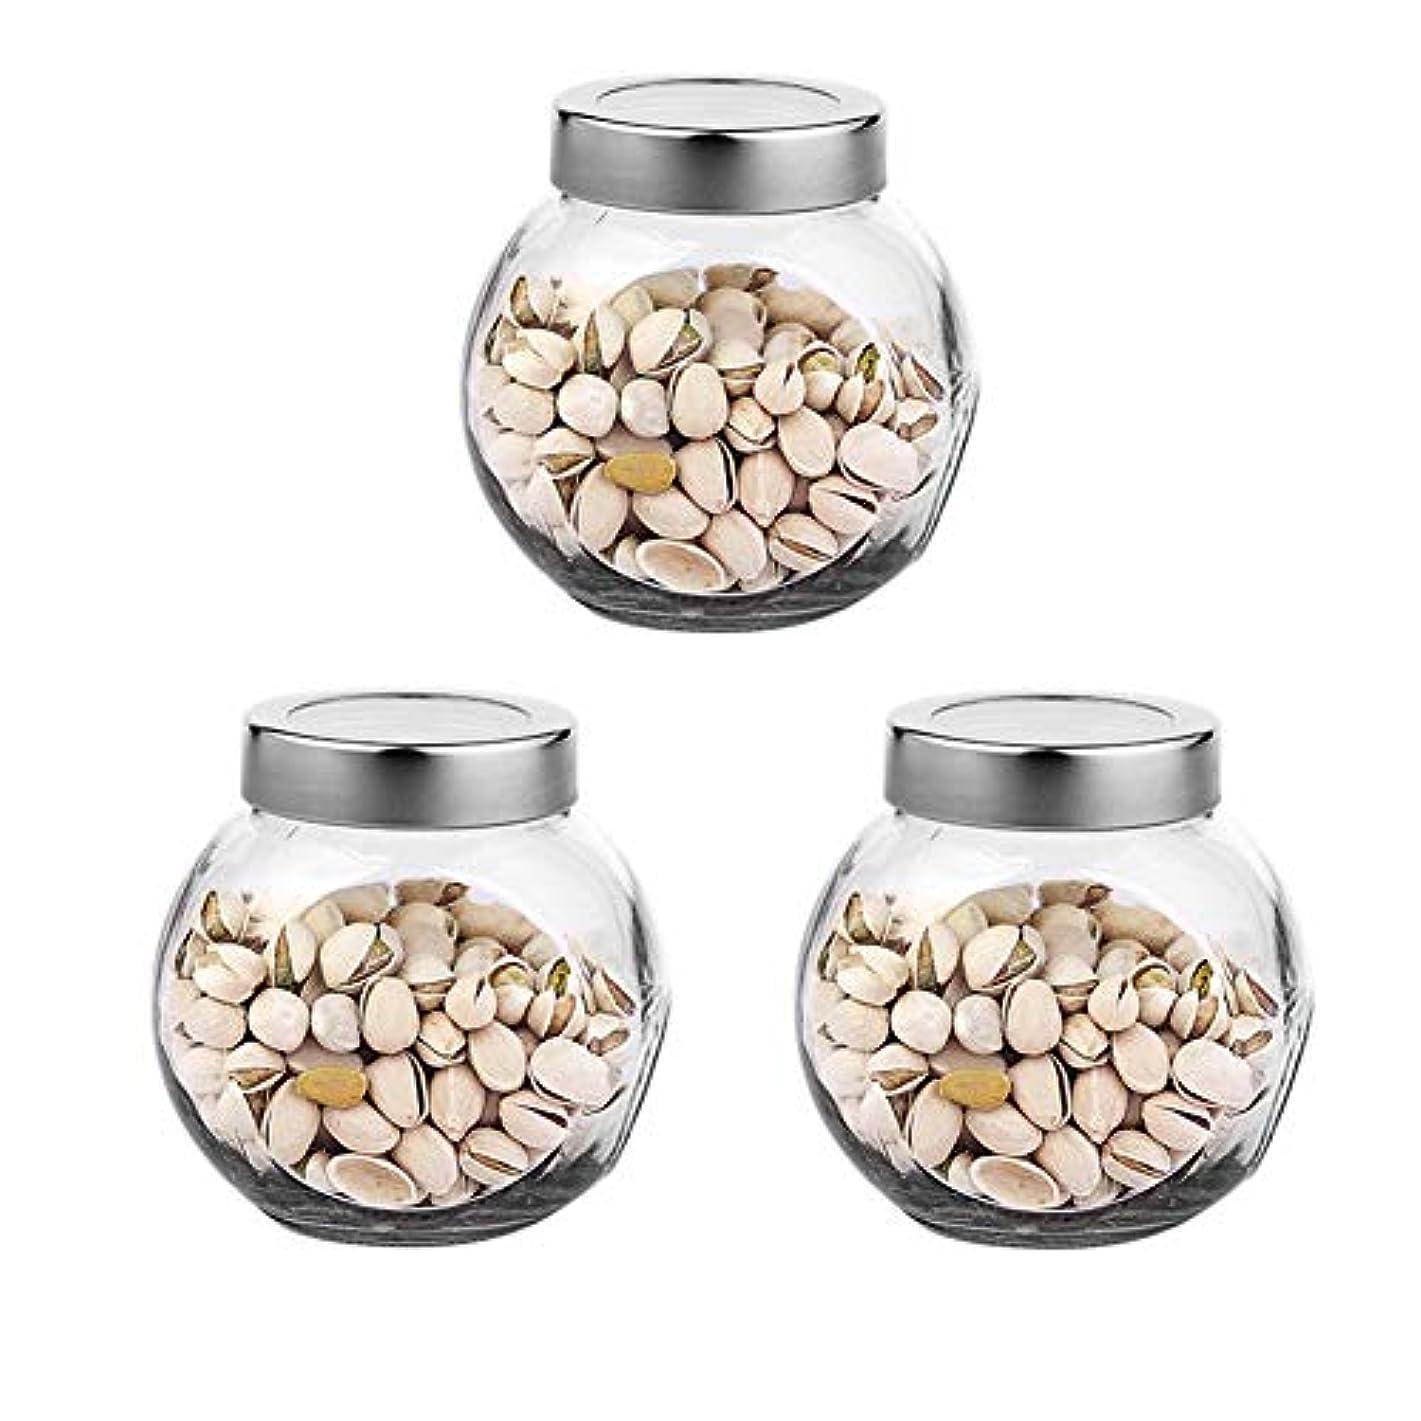 記念品船尾ピカリング3つの透明ガラス貯蔵容器茶/季節密封缶の貯蔵瓶パック(650 ml)